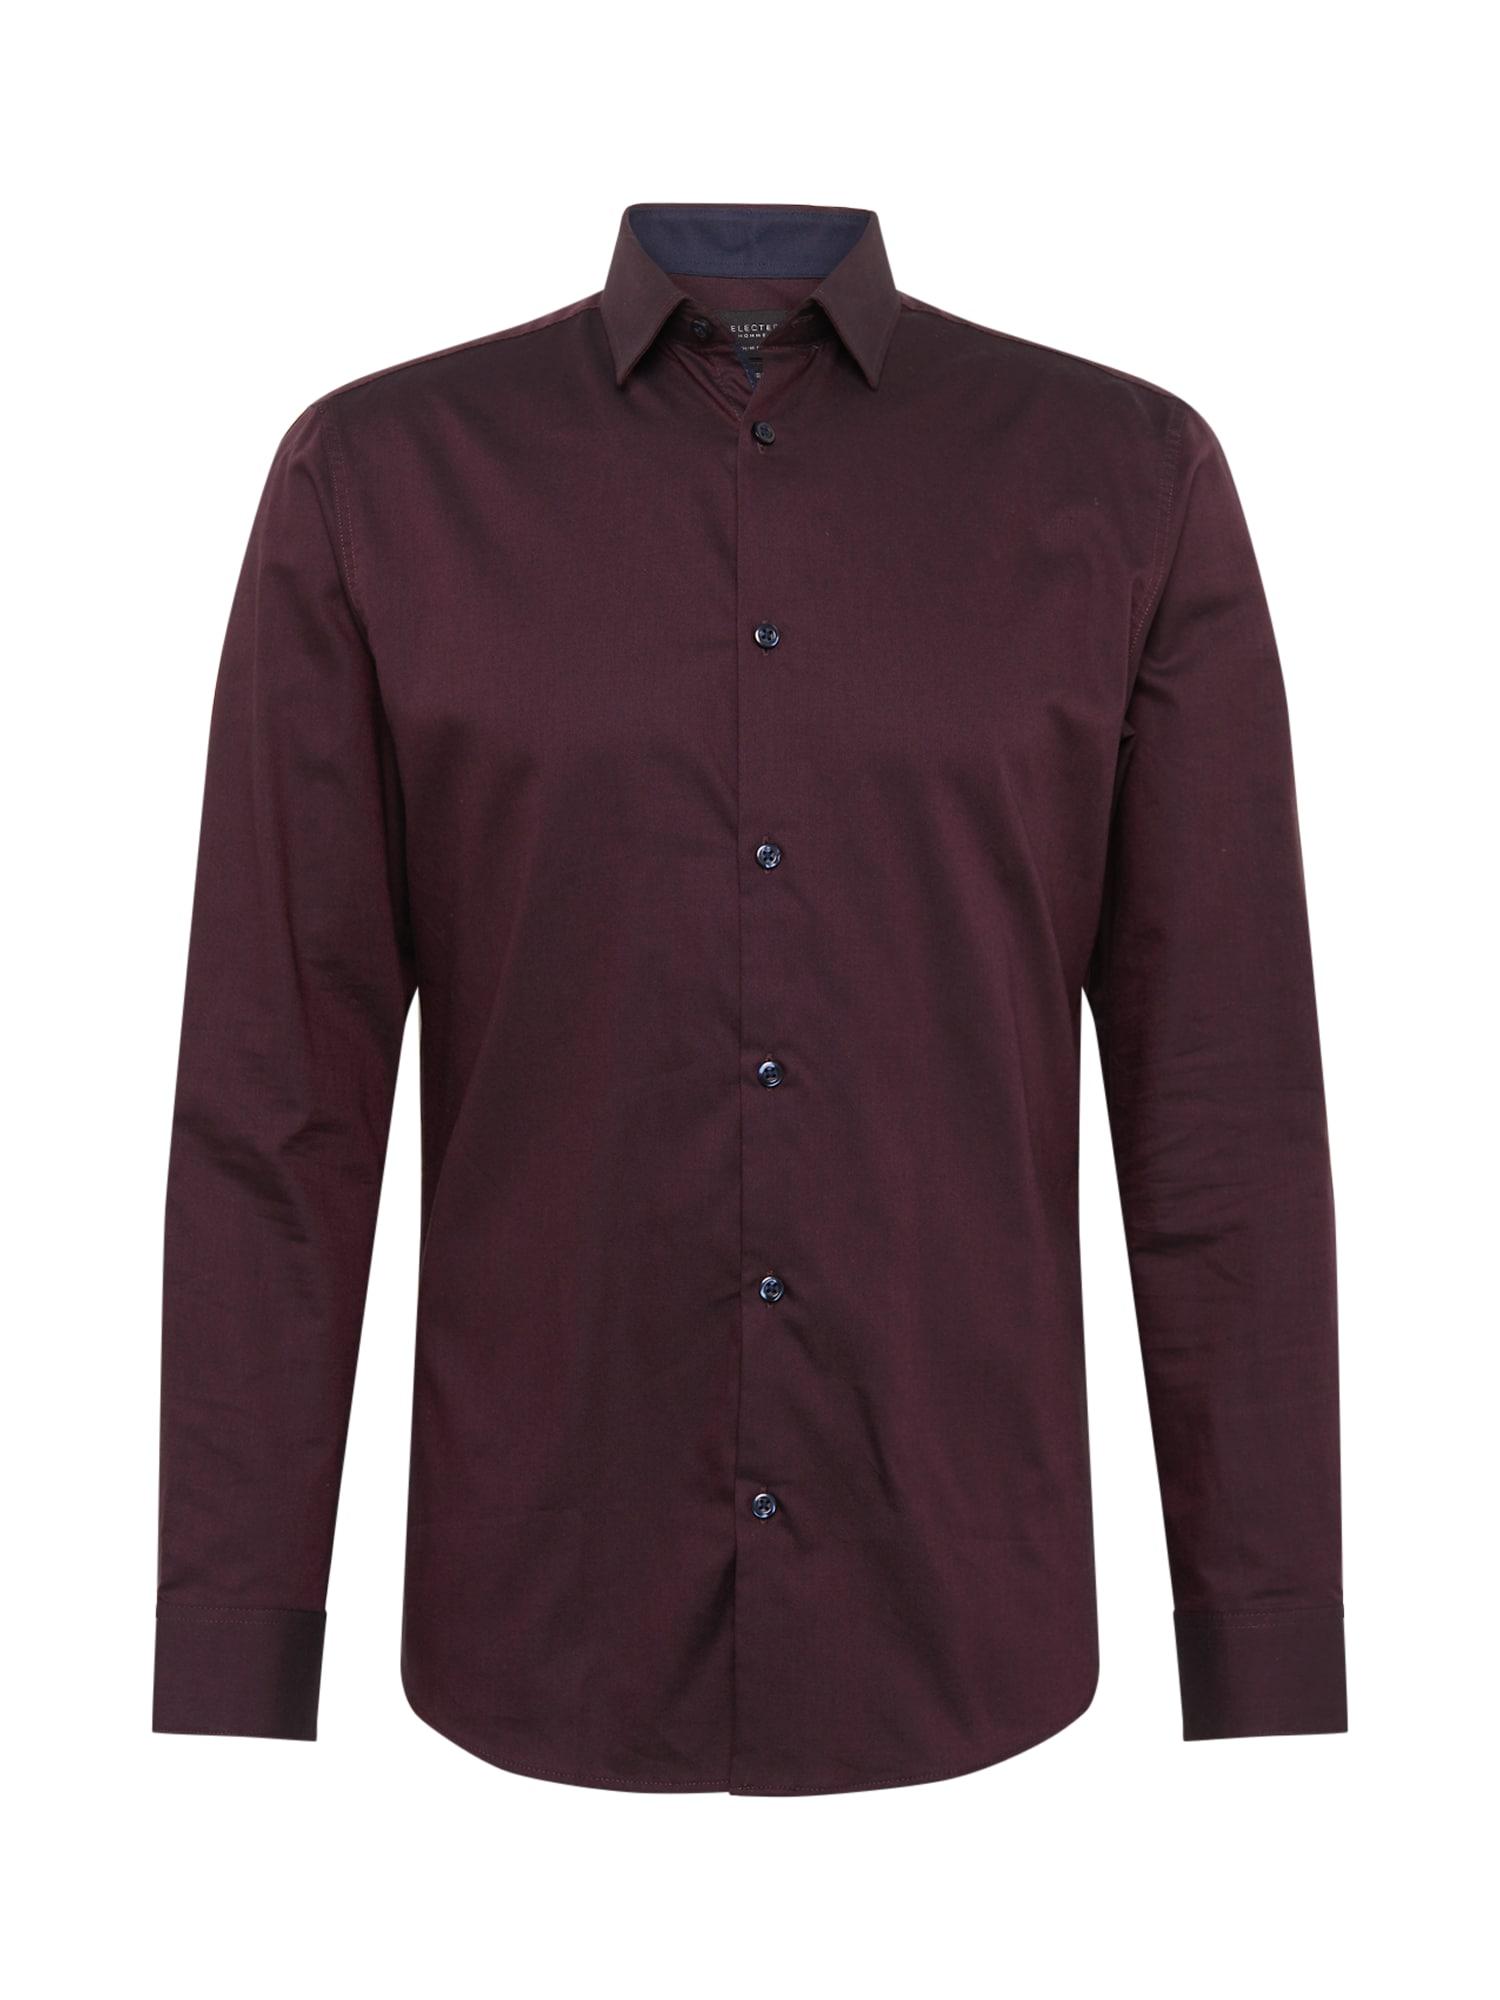 SELECTED HOMME Dalykinio stiliaus marškiniai burgundiško vyno spalva